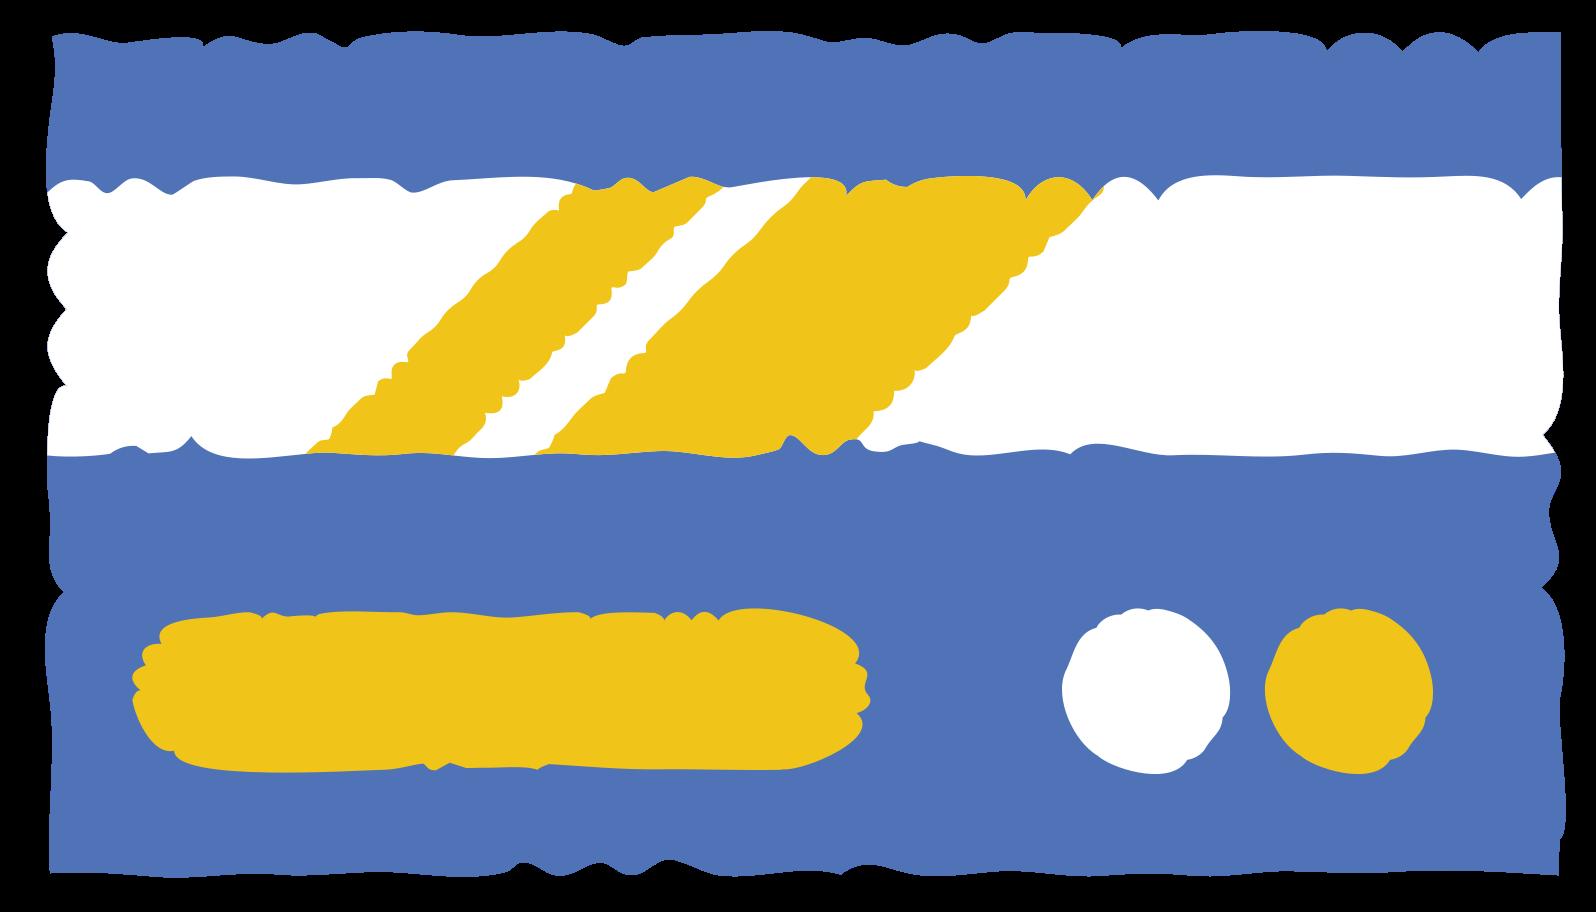 credit card back Clipart illustration in PNG, SVG